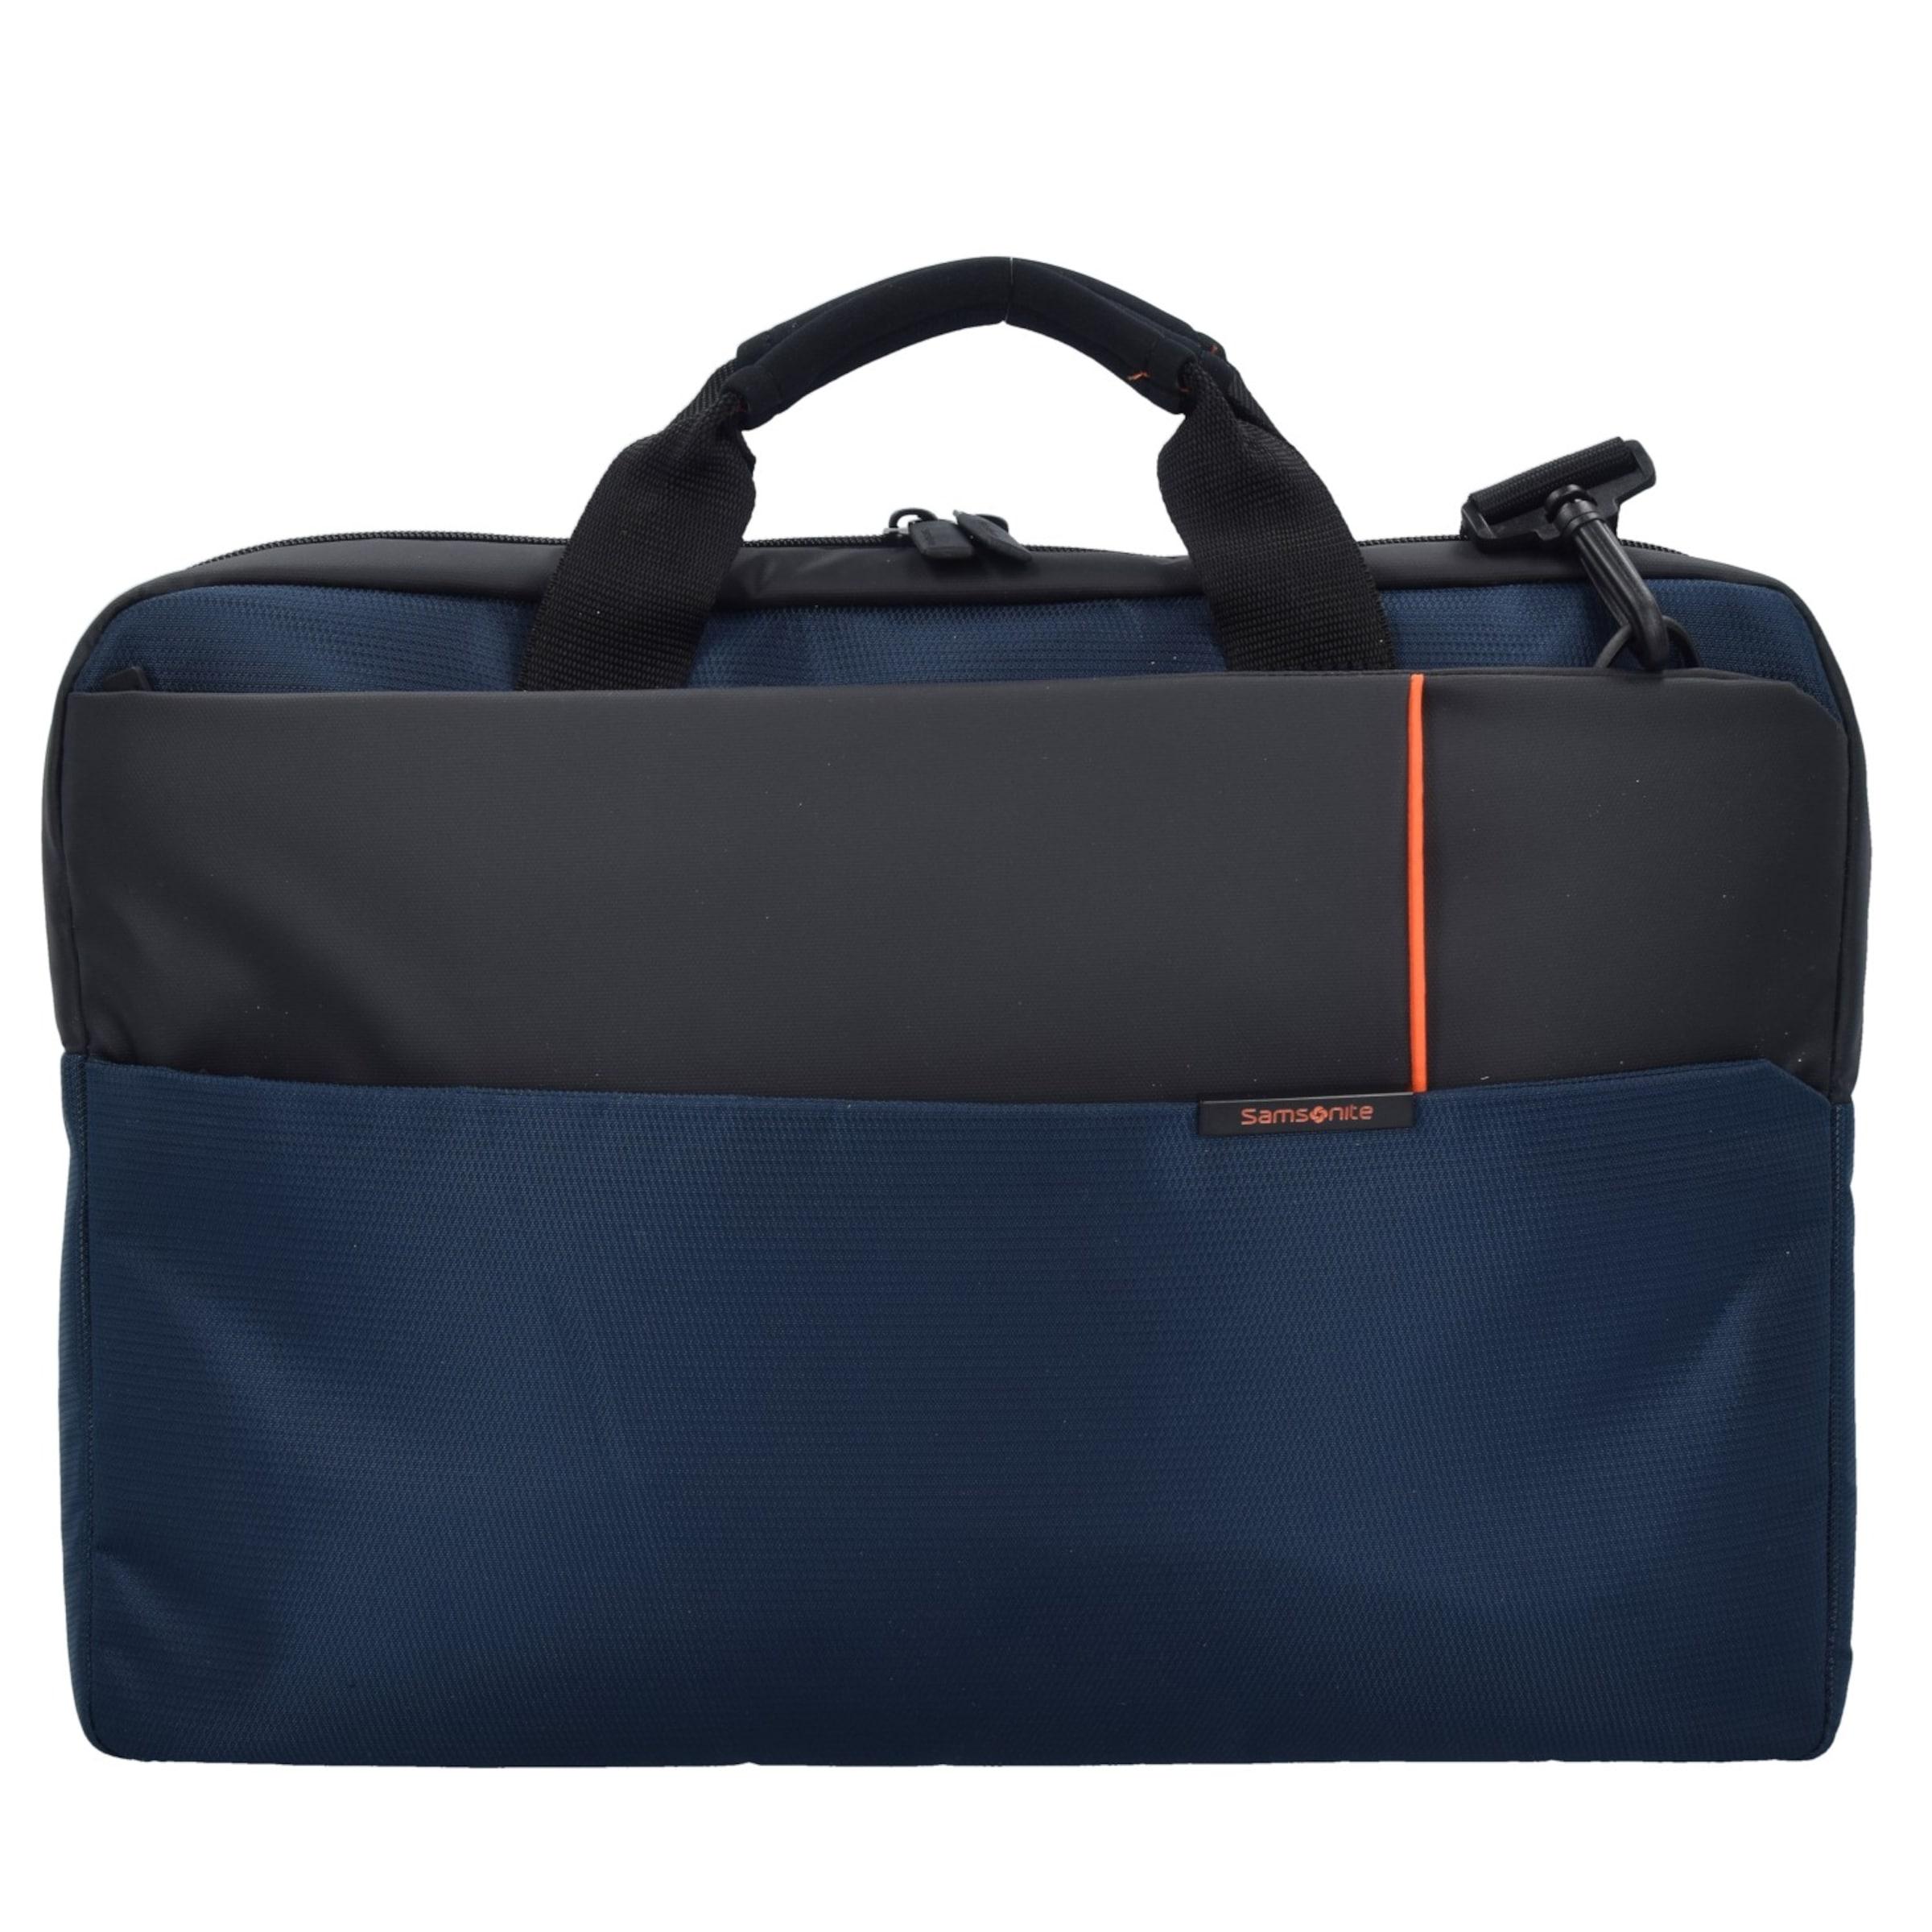 Besonders SAMSONITE Qibyte Businesstasche 44 cm Laptopfach Billig Verkauf Wirklich Spielraum Mode-Stil Wie Viel 0Y1tKoemJo